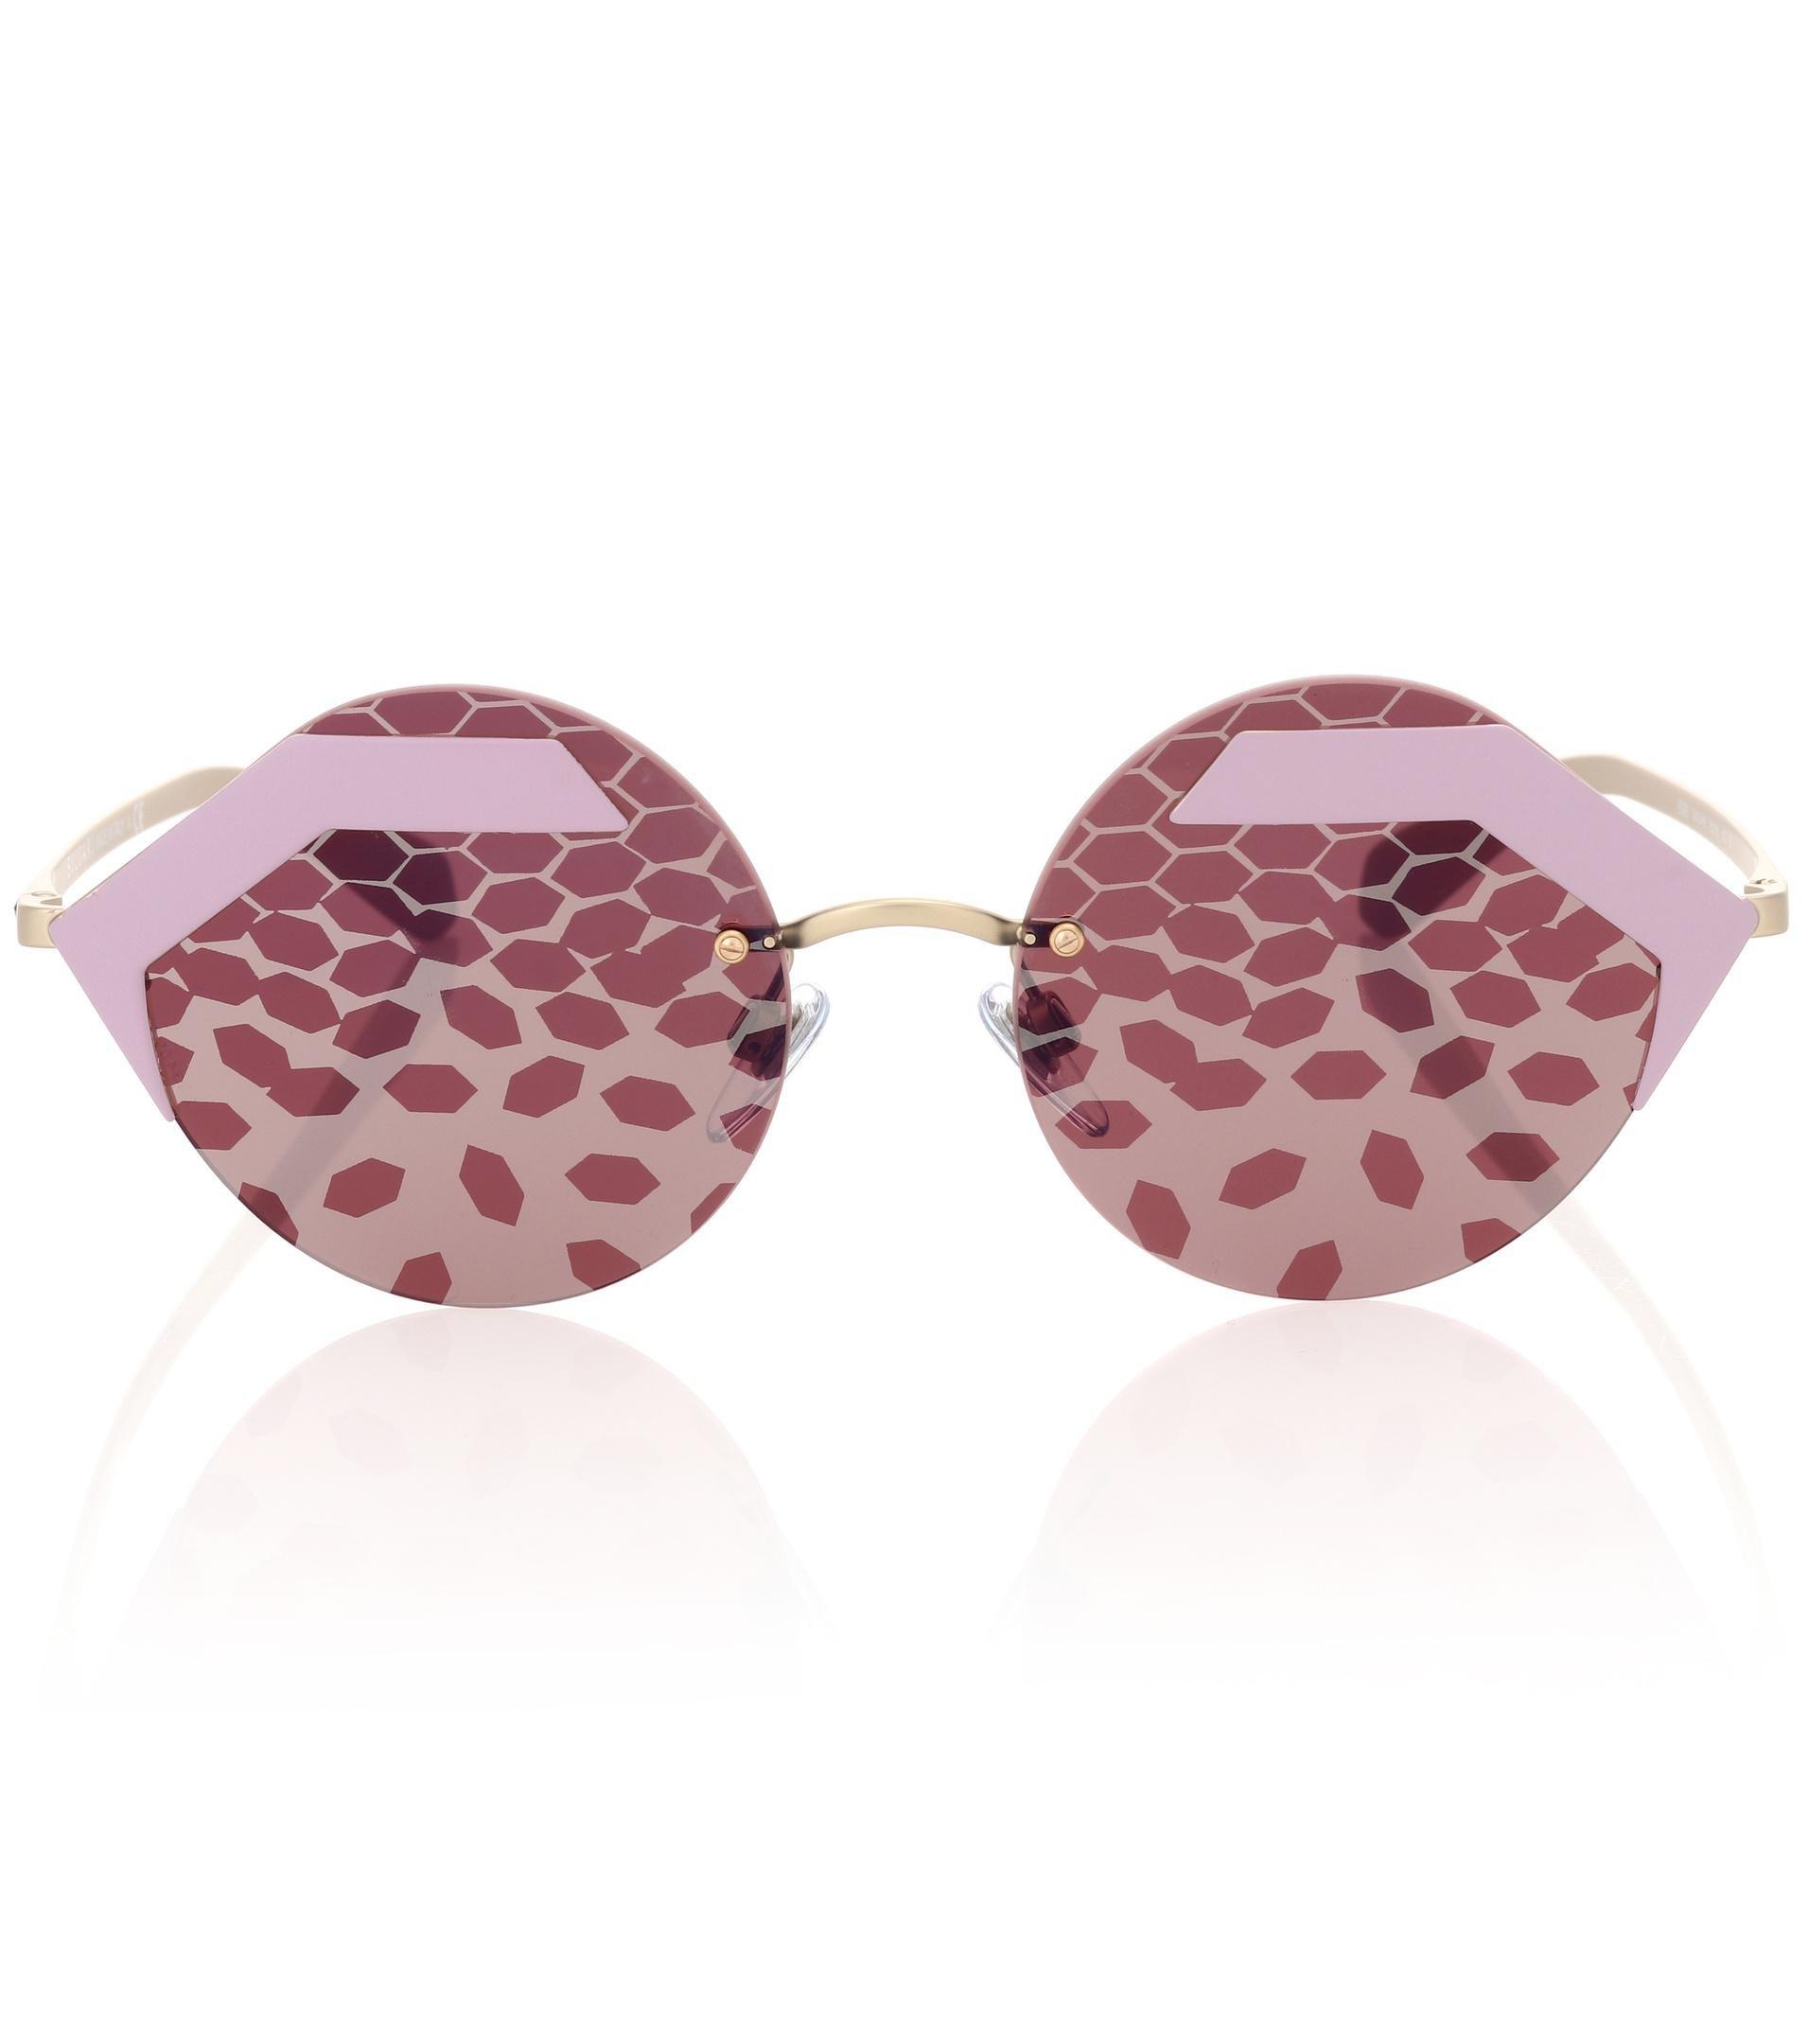 abf272fe58 Redondas Serpenteyes Lyst Gafas Bvlgari Sol Rosa Color De PX8nwk0O